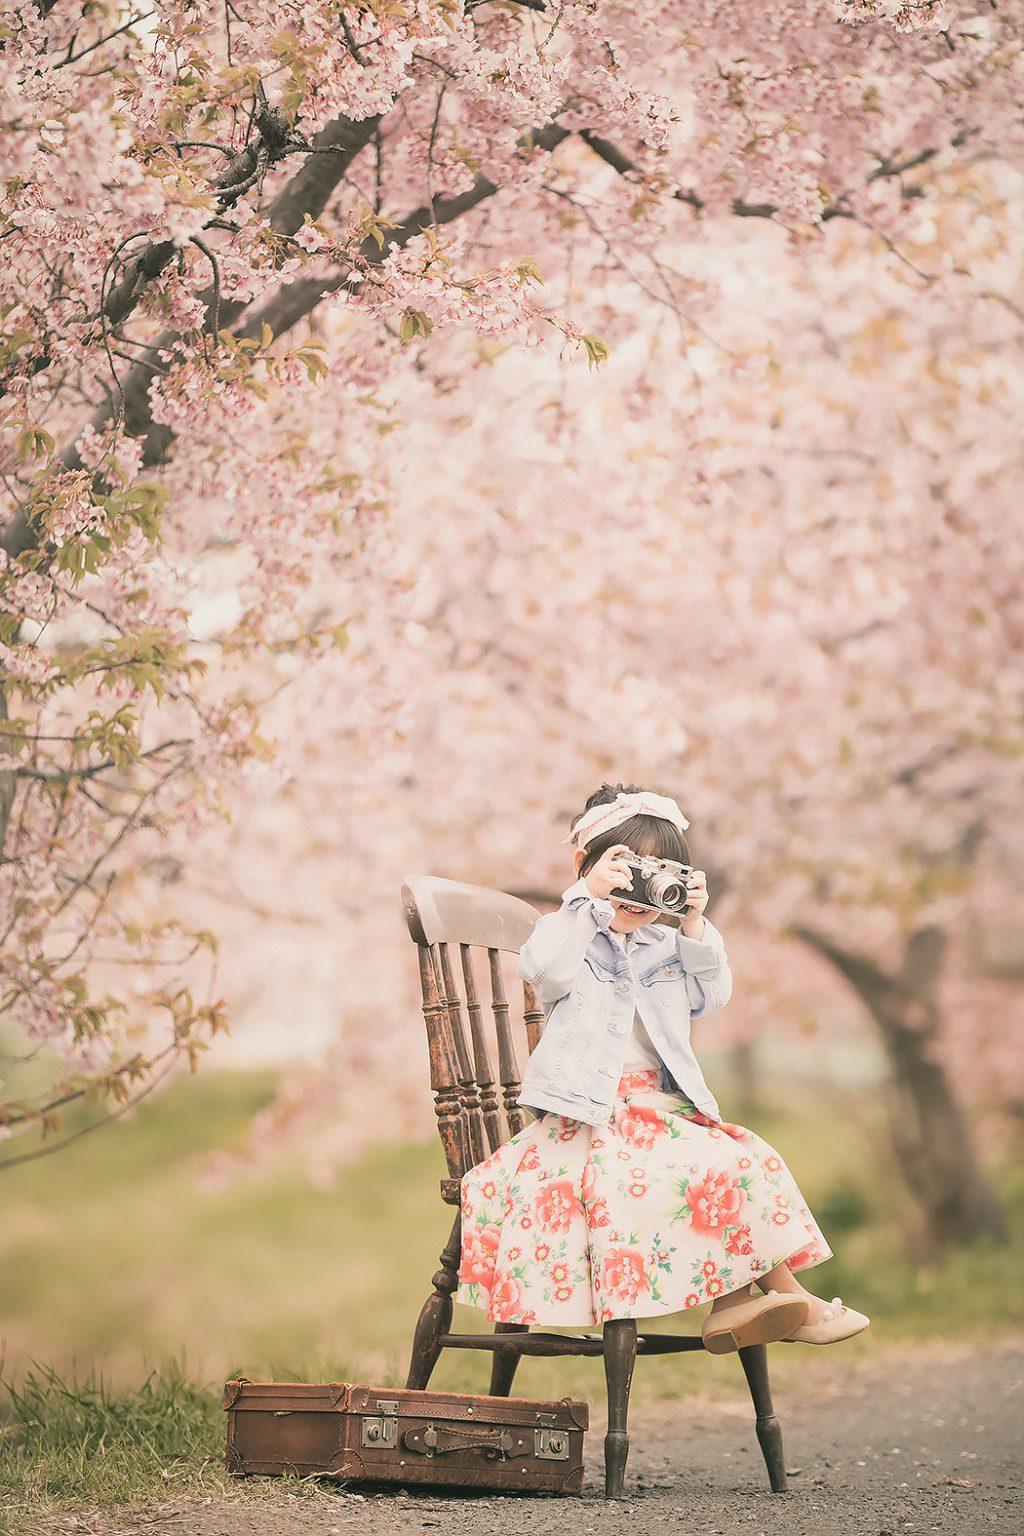 七五三,桜,ロケーション,カジュアル服